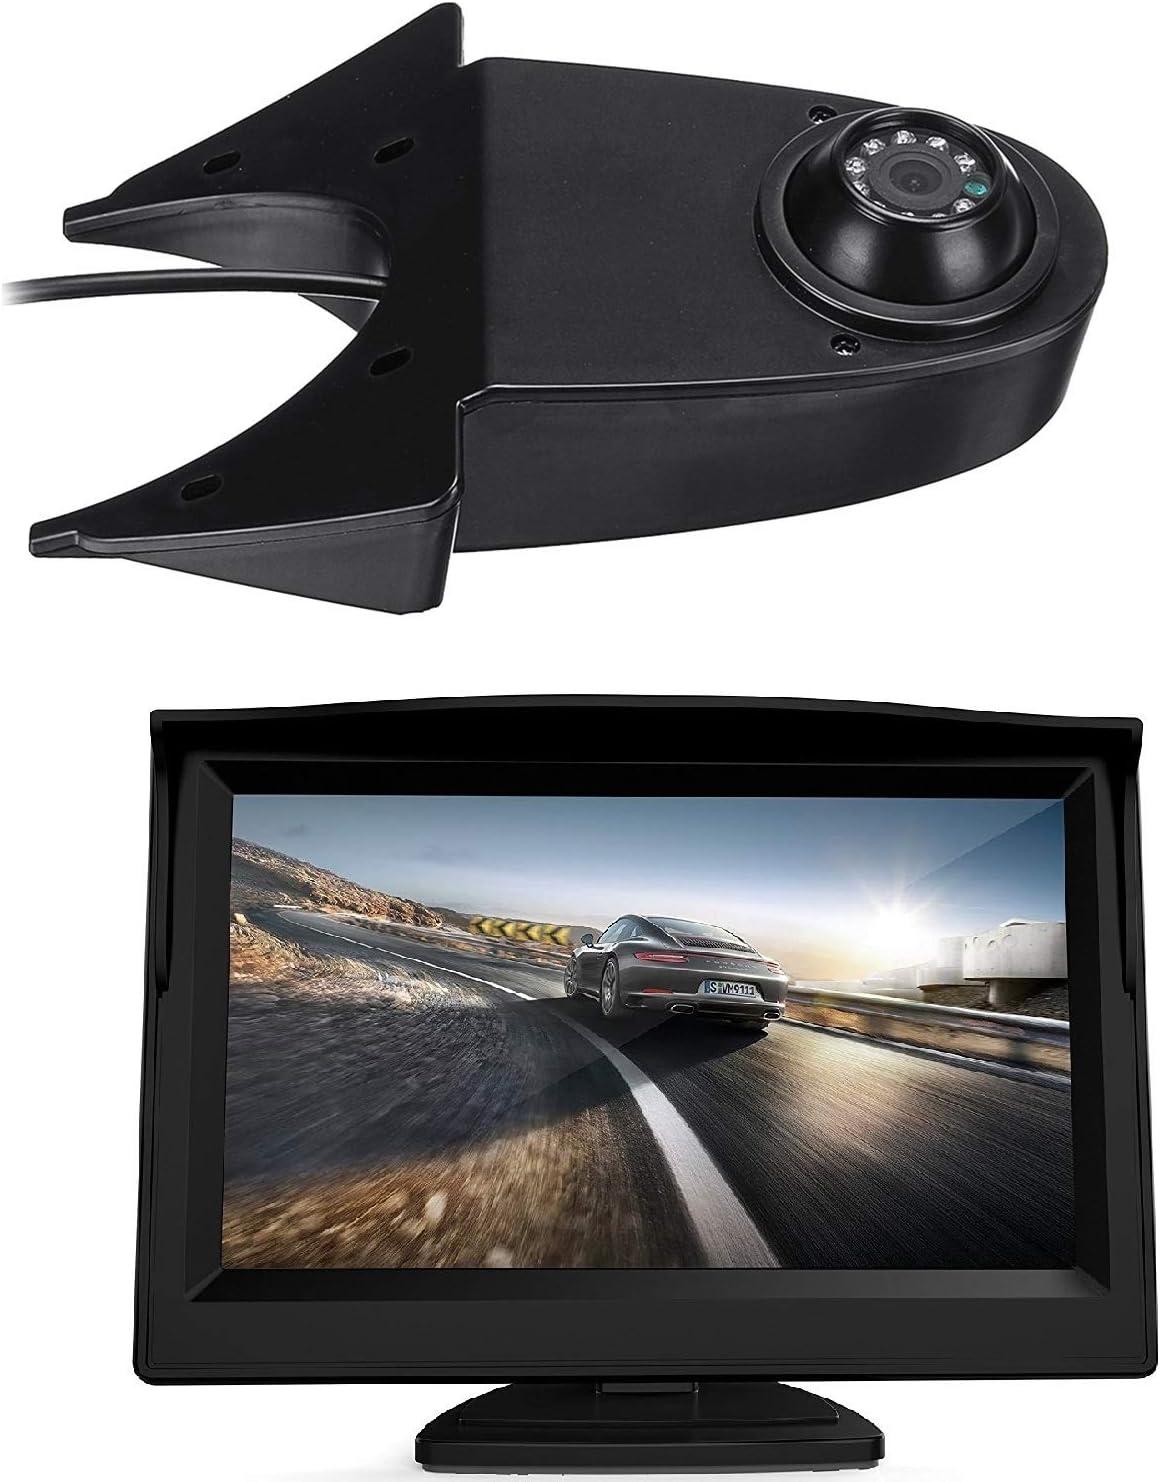 Hd 720p Dachkante Einparkhilfe Rückfahrkamera Integriert In 3 Bremsleuchte Kamera Für Mercedes Sprinter W906 Mb Viano